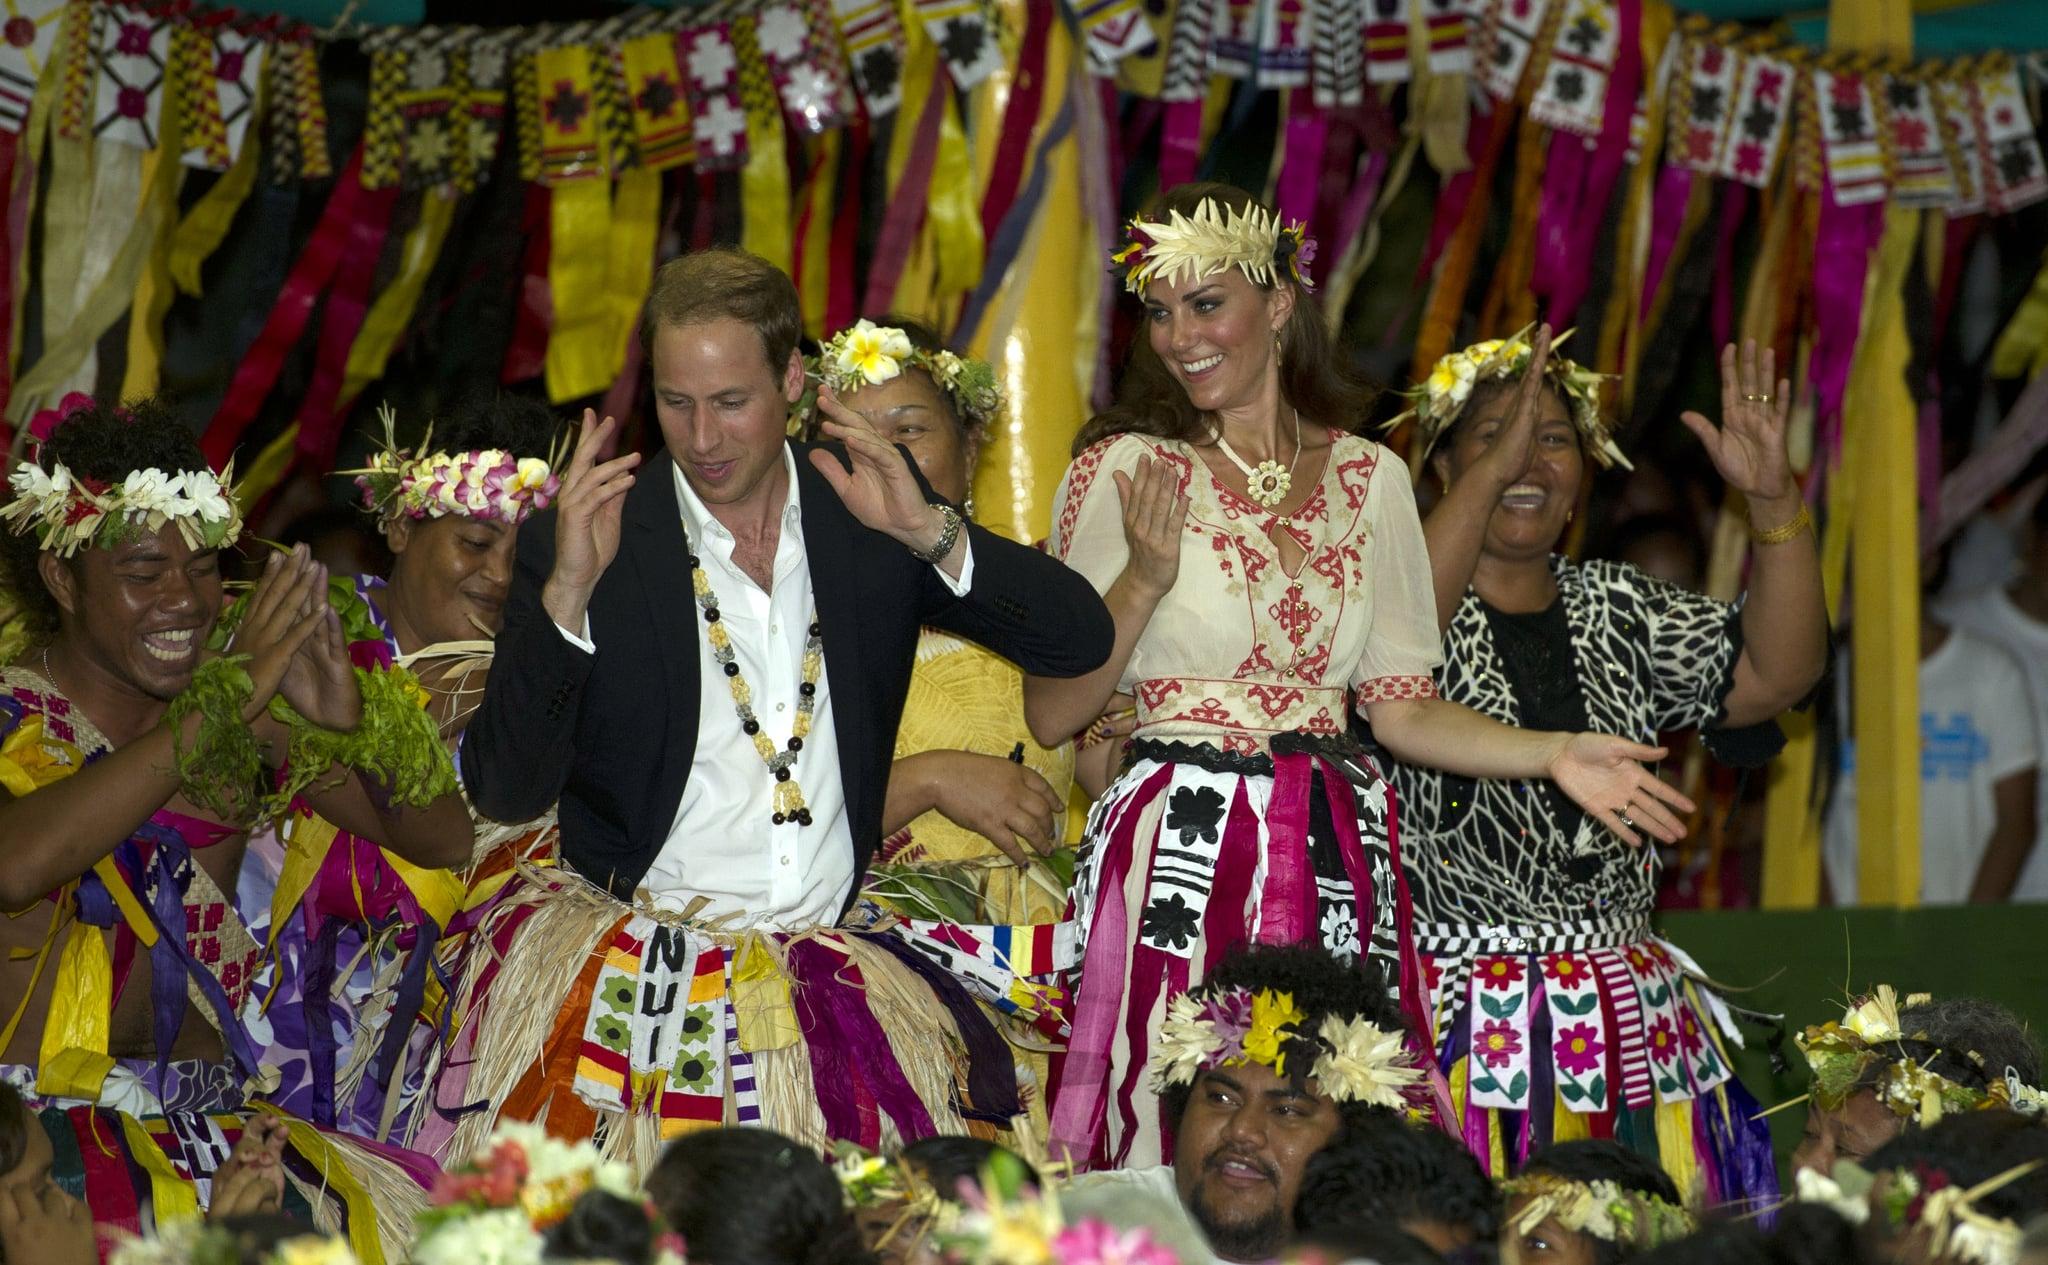 Kate Middleton smiled big at Prince William's dance moves in Tuvalu in September 2012.